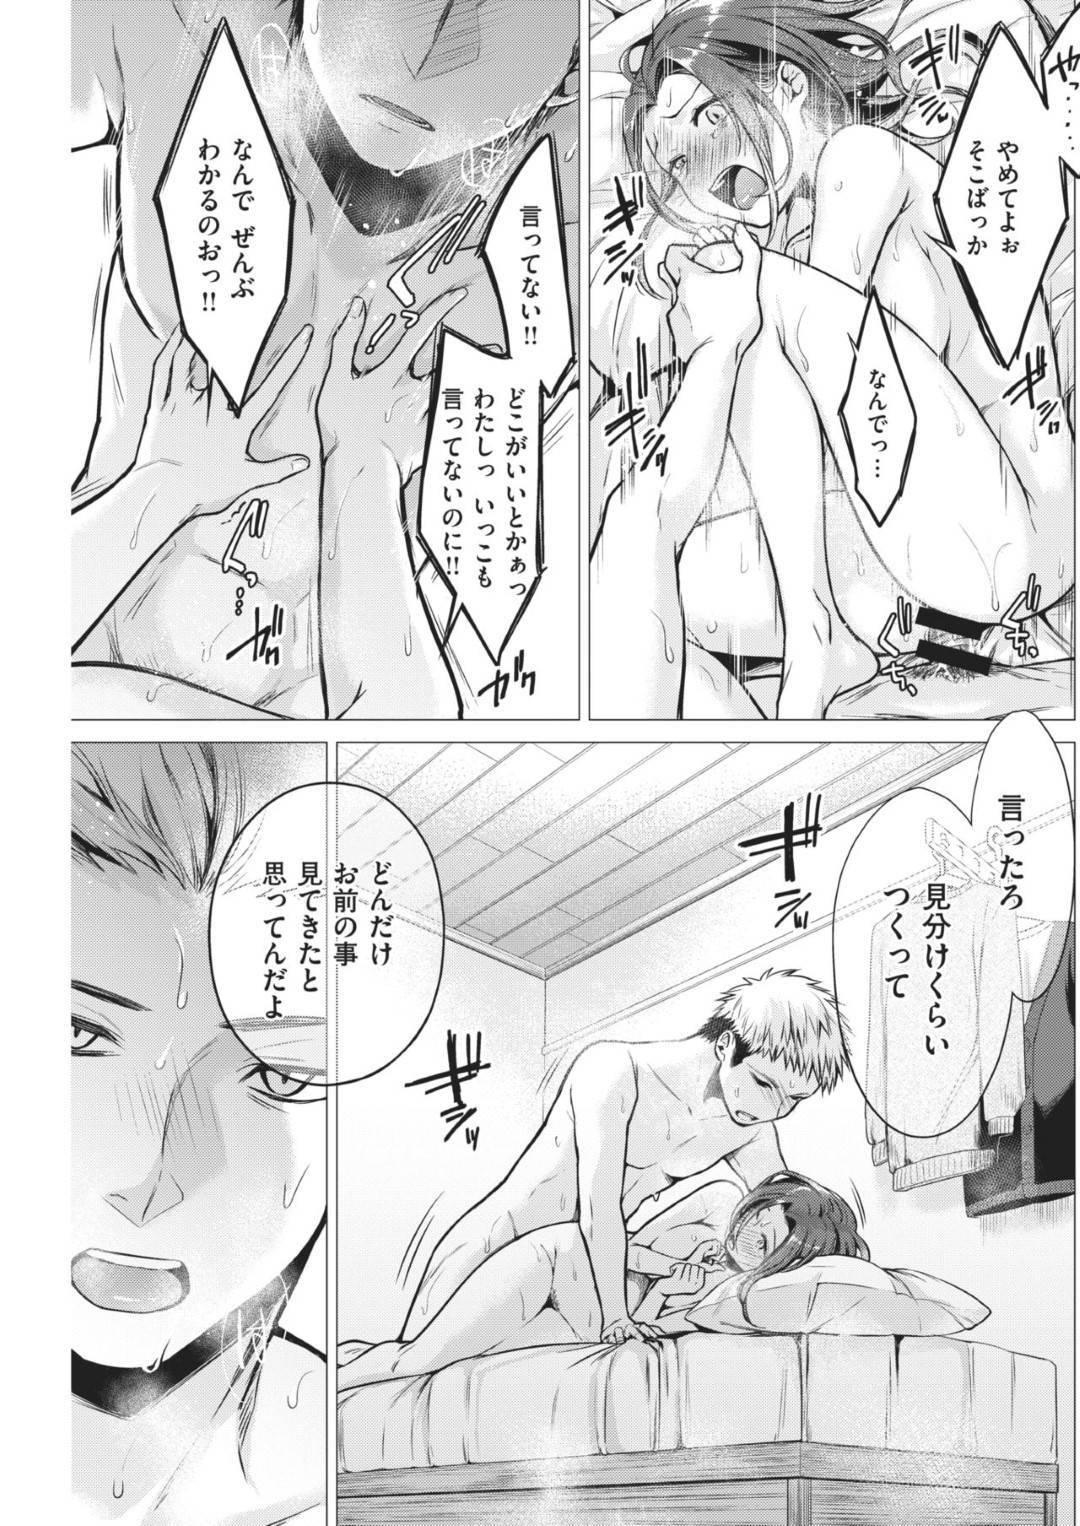 【エロ漫画】男の家で酔った勢いでお泊りしたクールJD。一晩過ごしたのに襲ってこなかった事に不満げだった彼女だが、そんな様子を彼に見抜かれてしまい、朝から彼を誘惑してセックスする展開に。